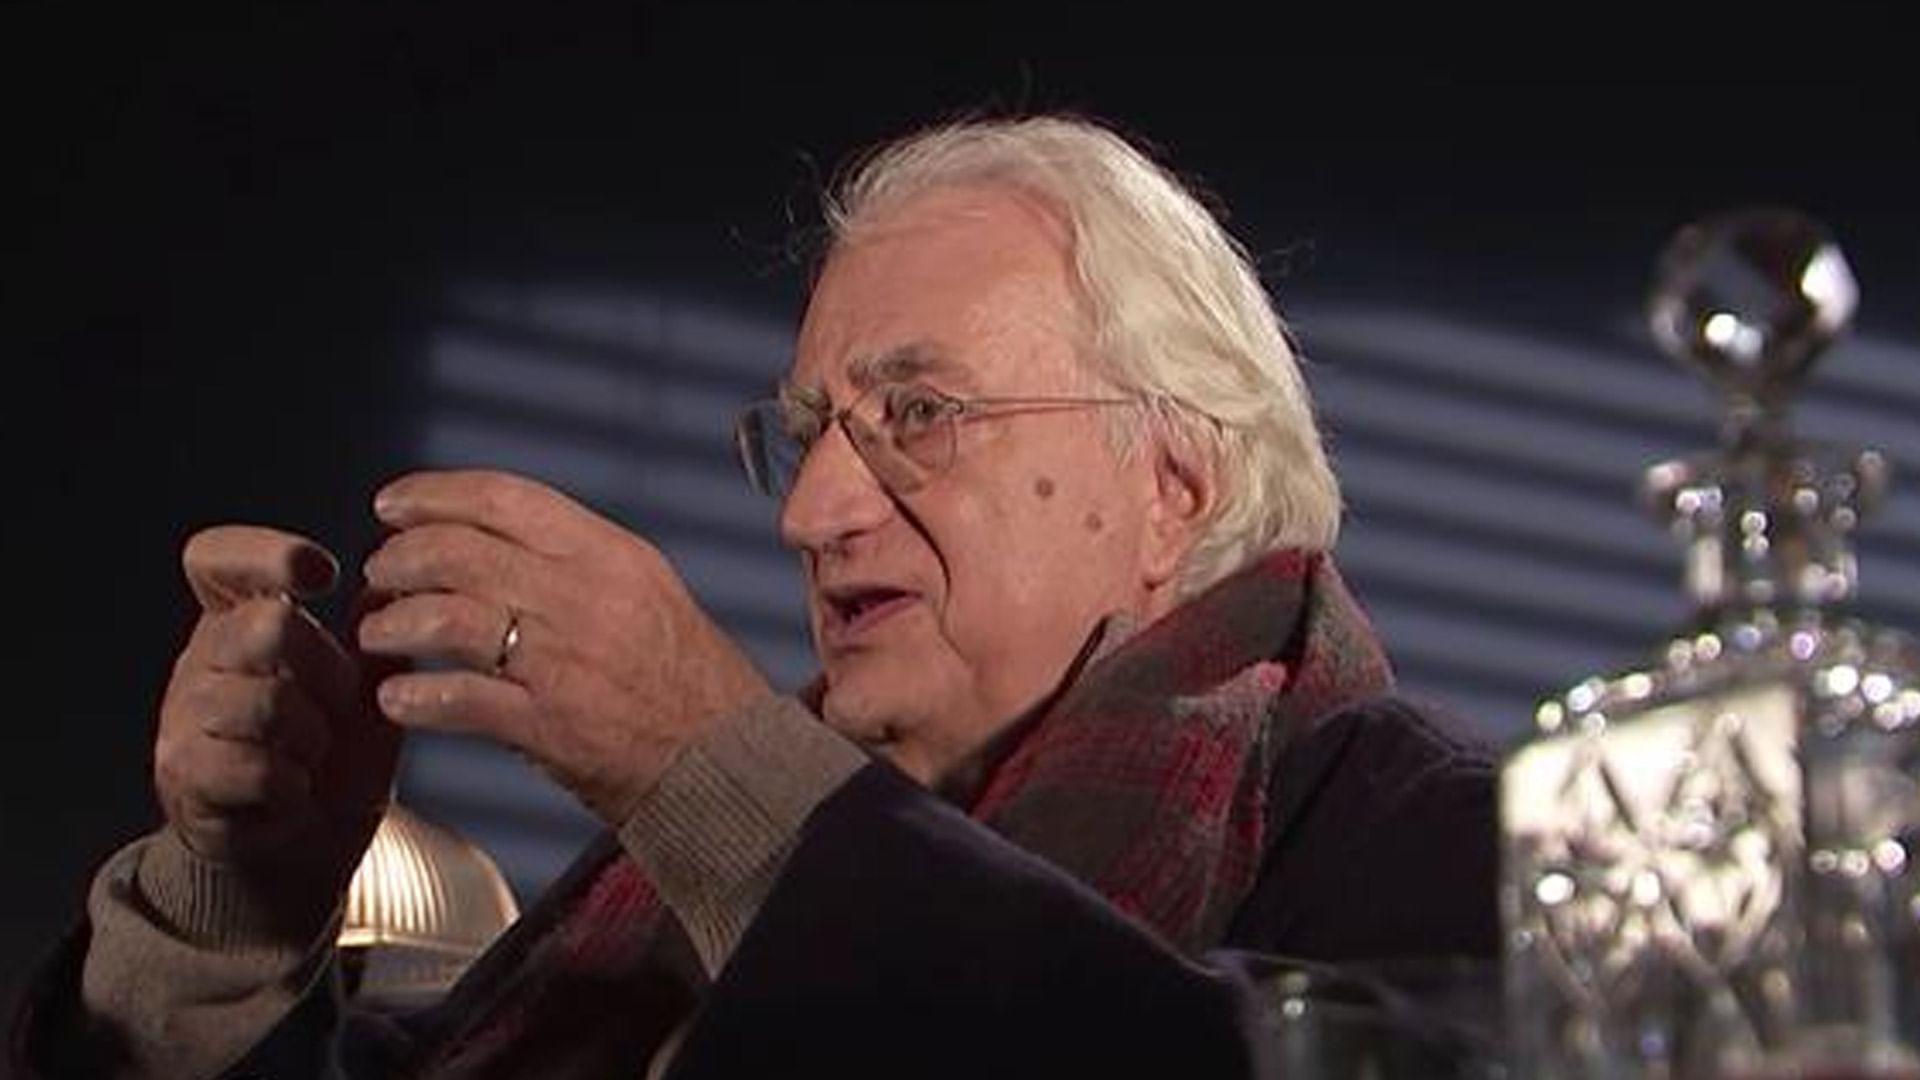 Hommage à Bertrand Tavernier - Le passeur cinéphile